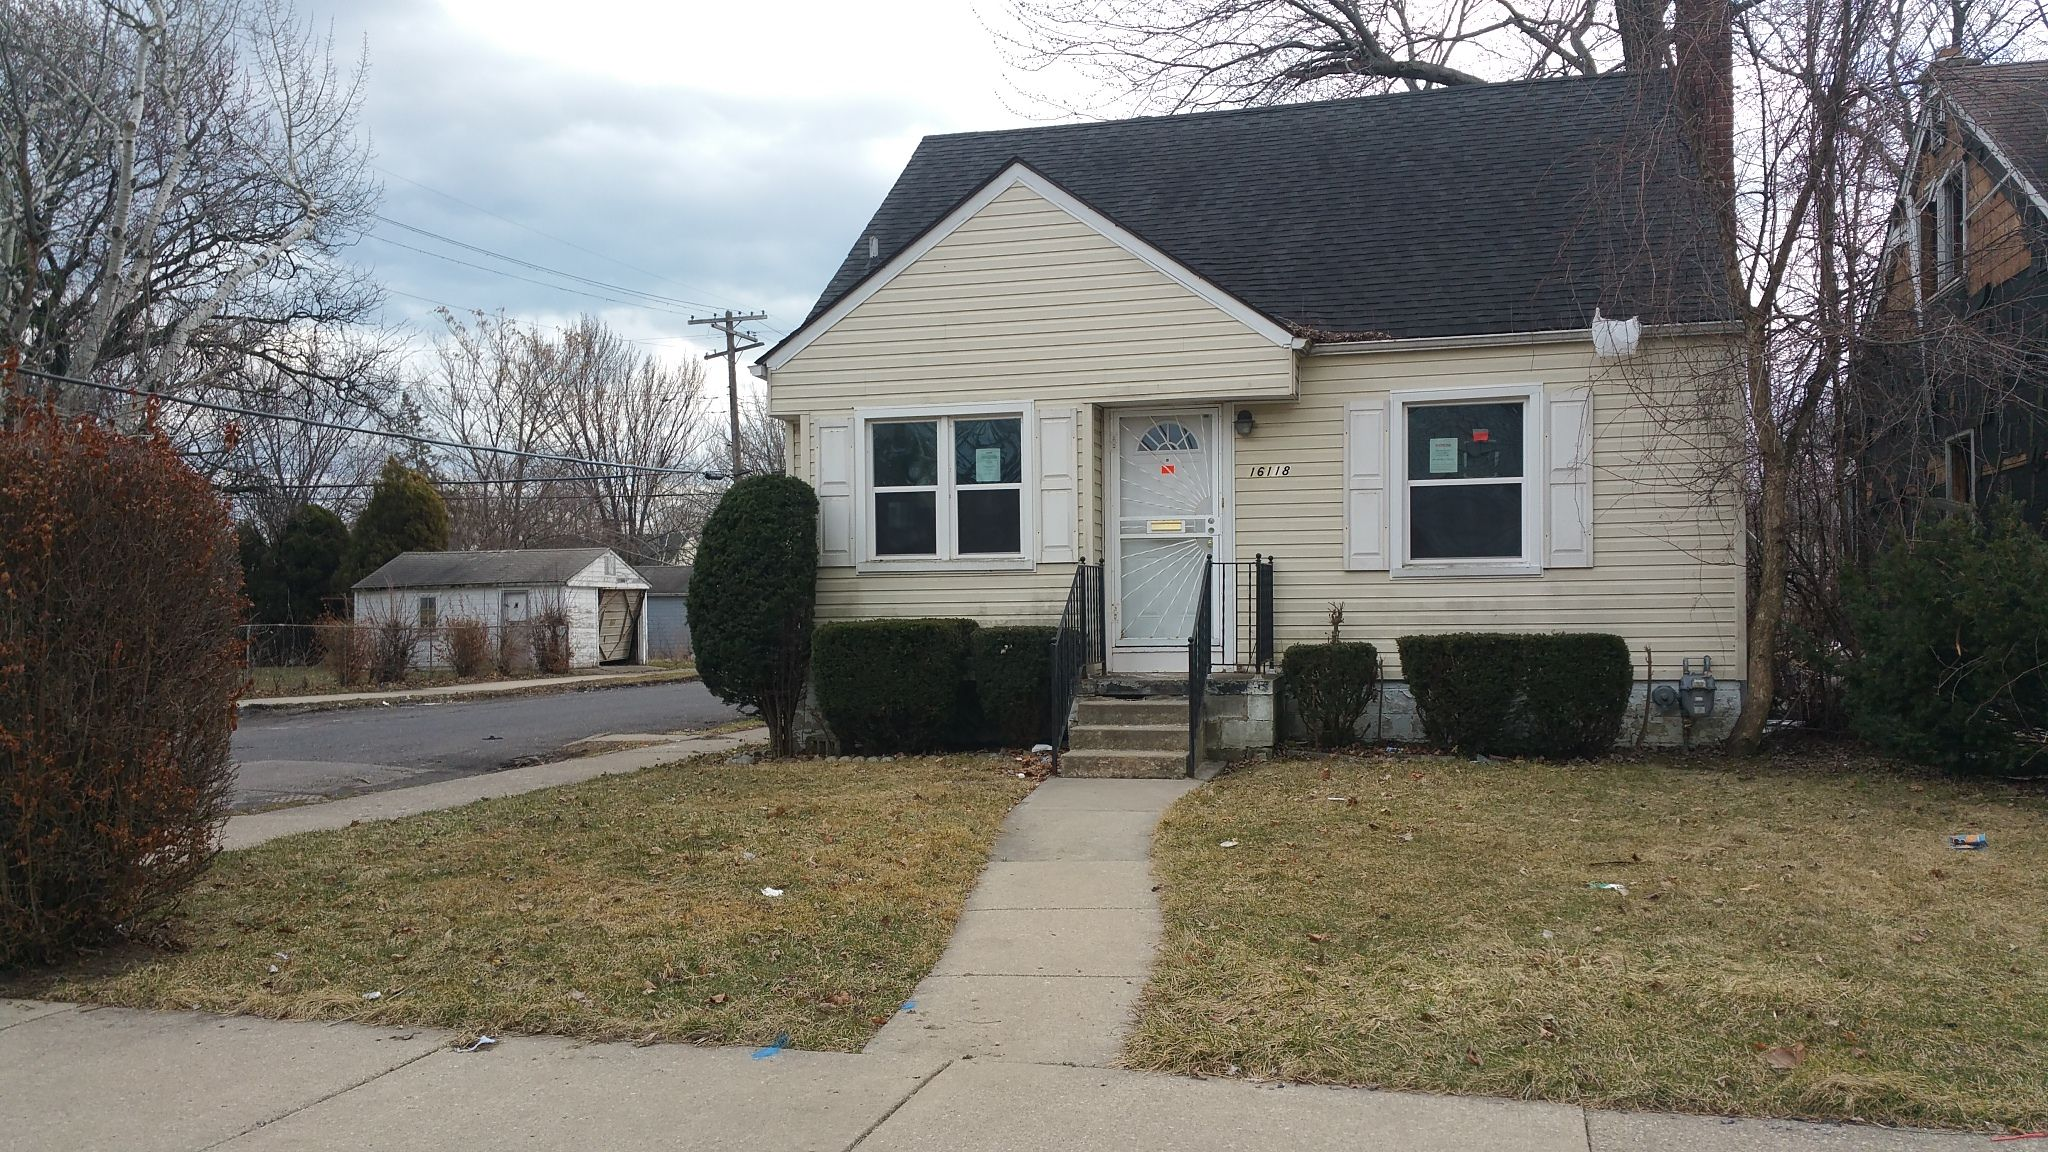 16118 Manning St Detroit Mi 48205 Wayne County Hud Homes Case Number 261 701501 Hud Homes For Sale Hud Homes Hud Homes For Sale Home